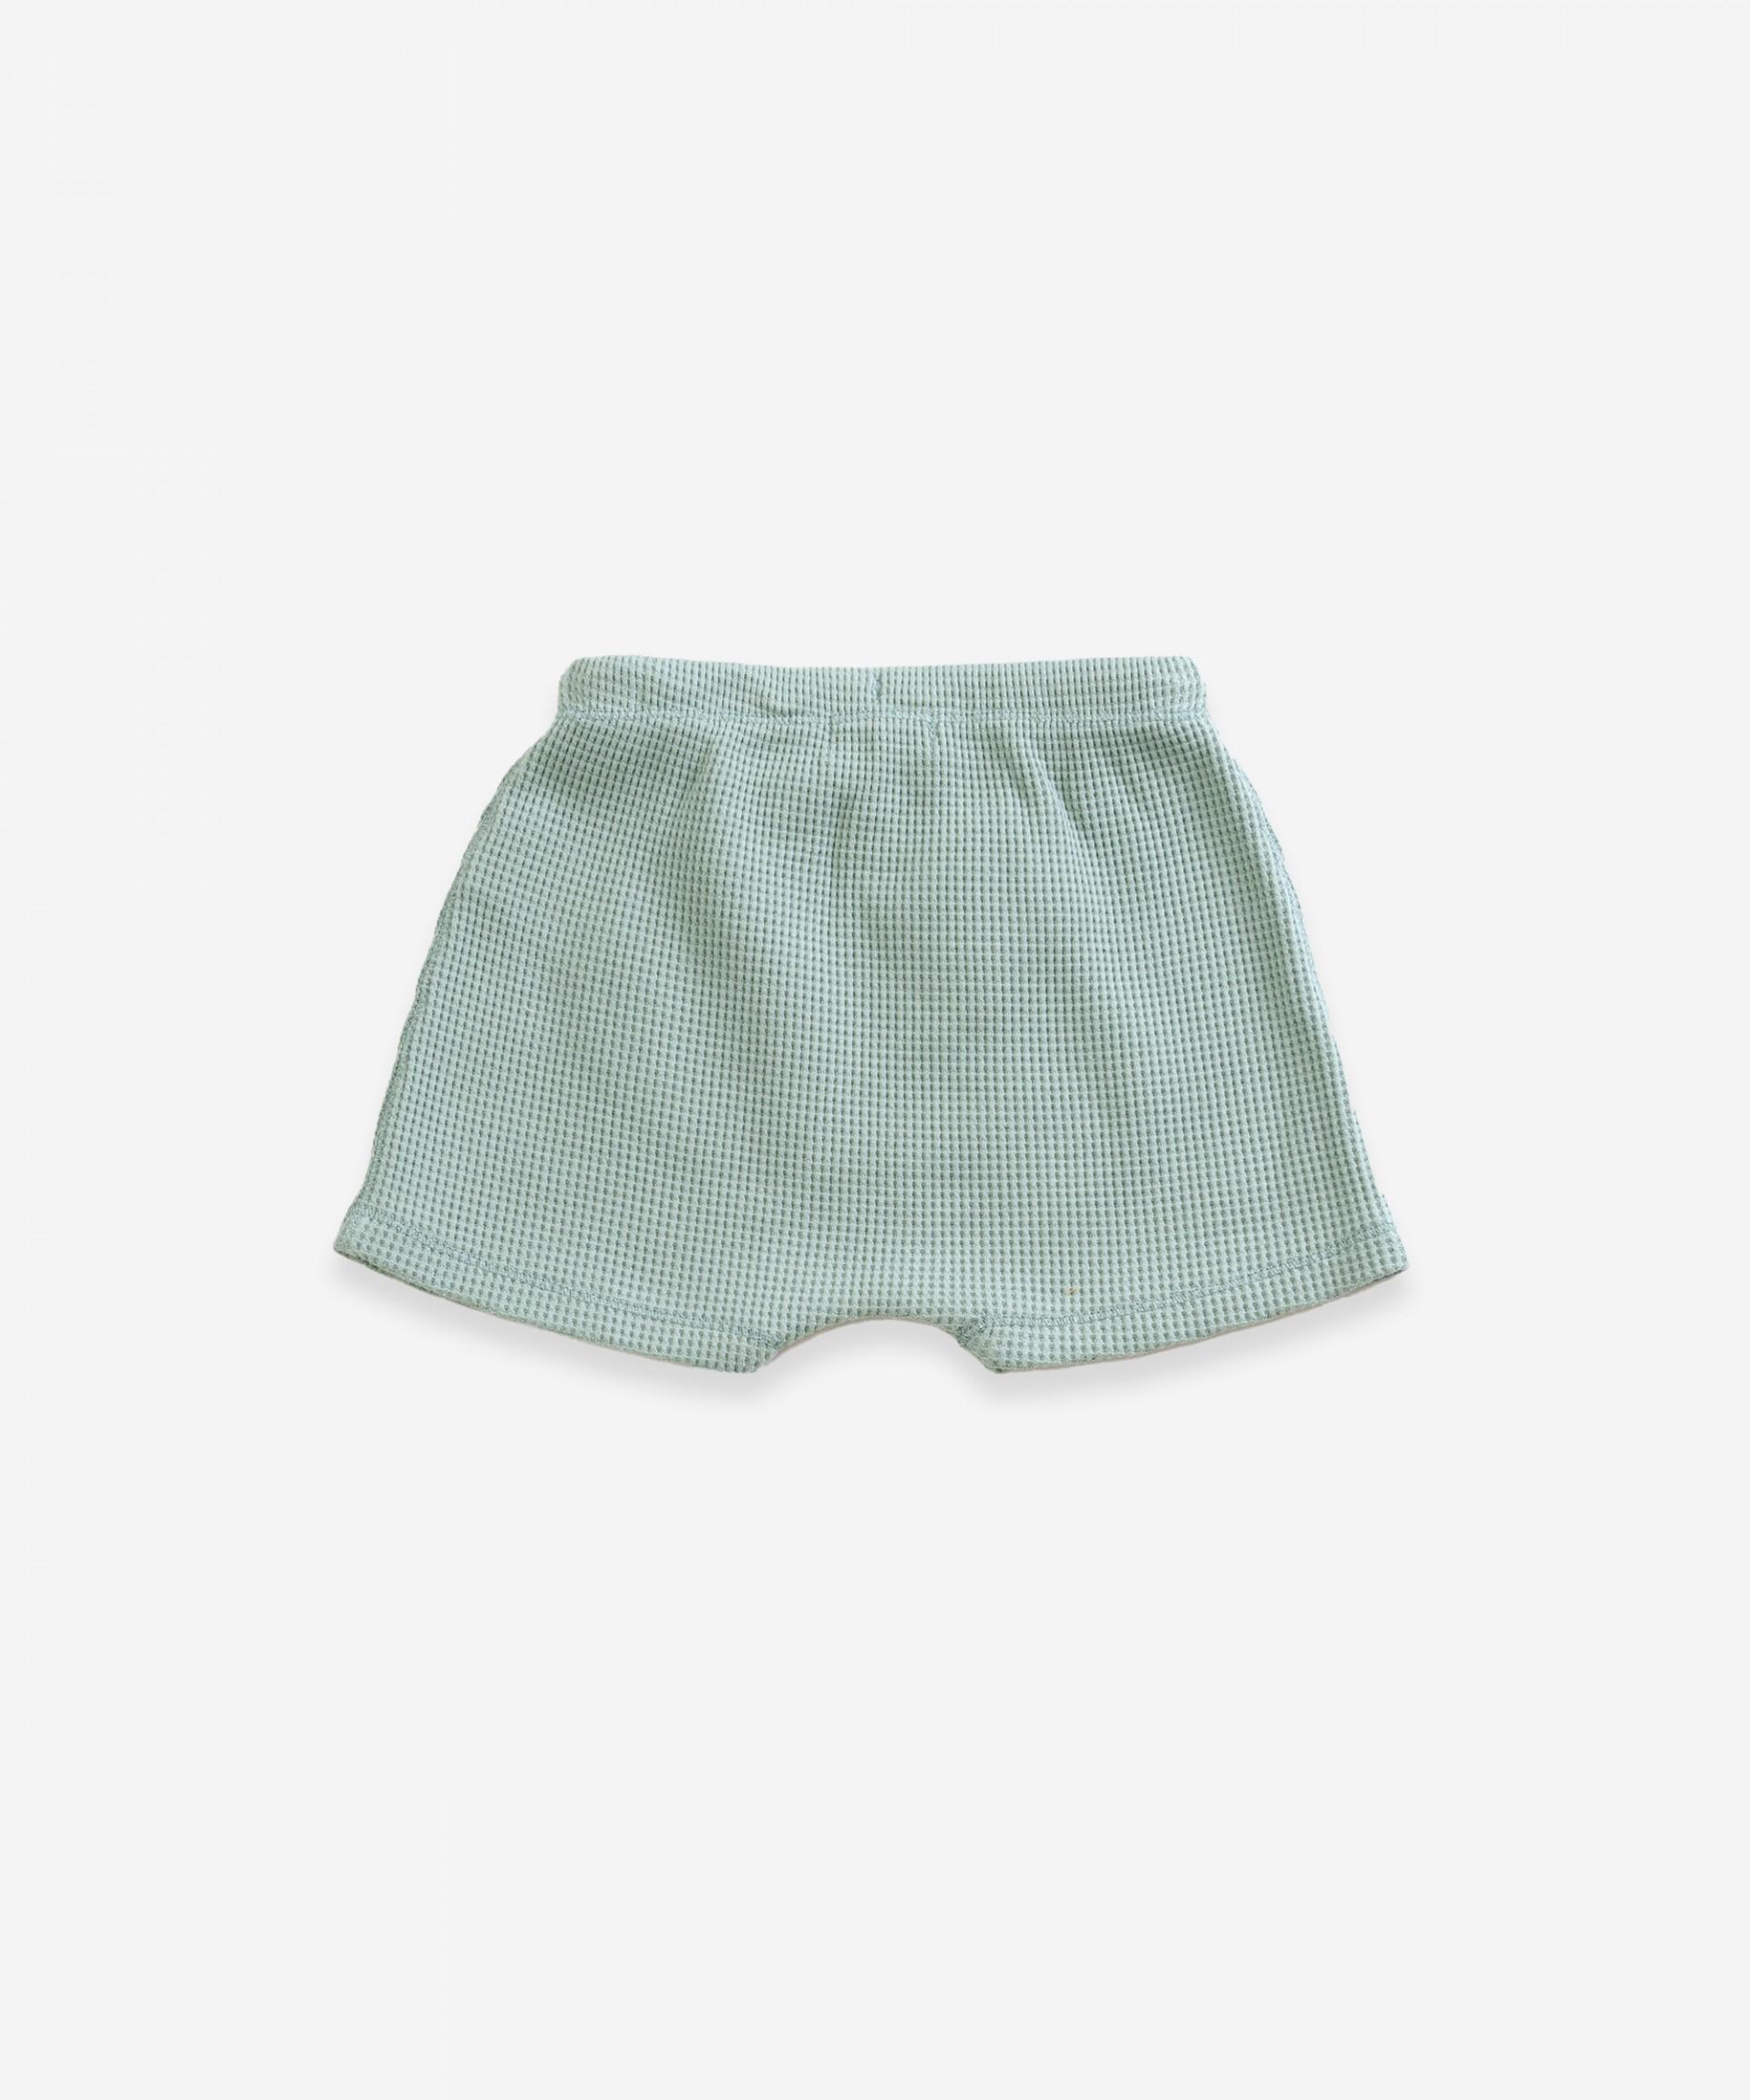 Pantalón corto de algodón orgánico con bolsillo estilo canguro | Weaving